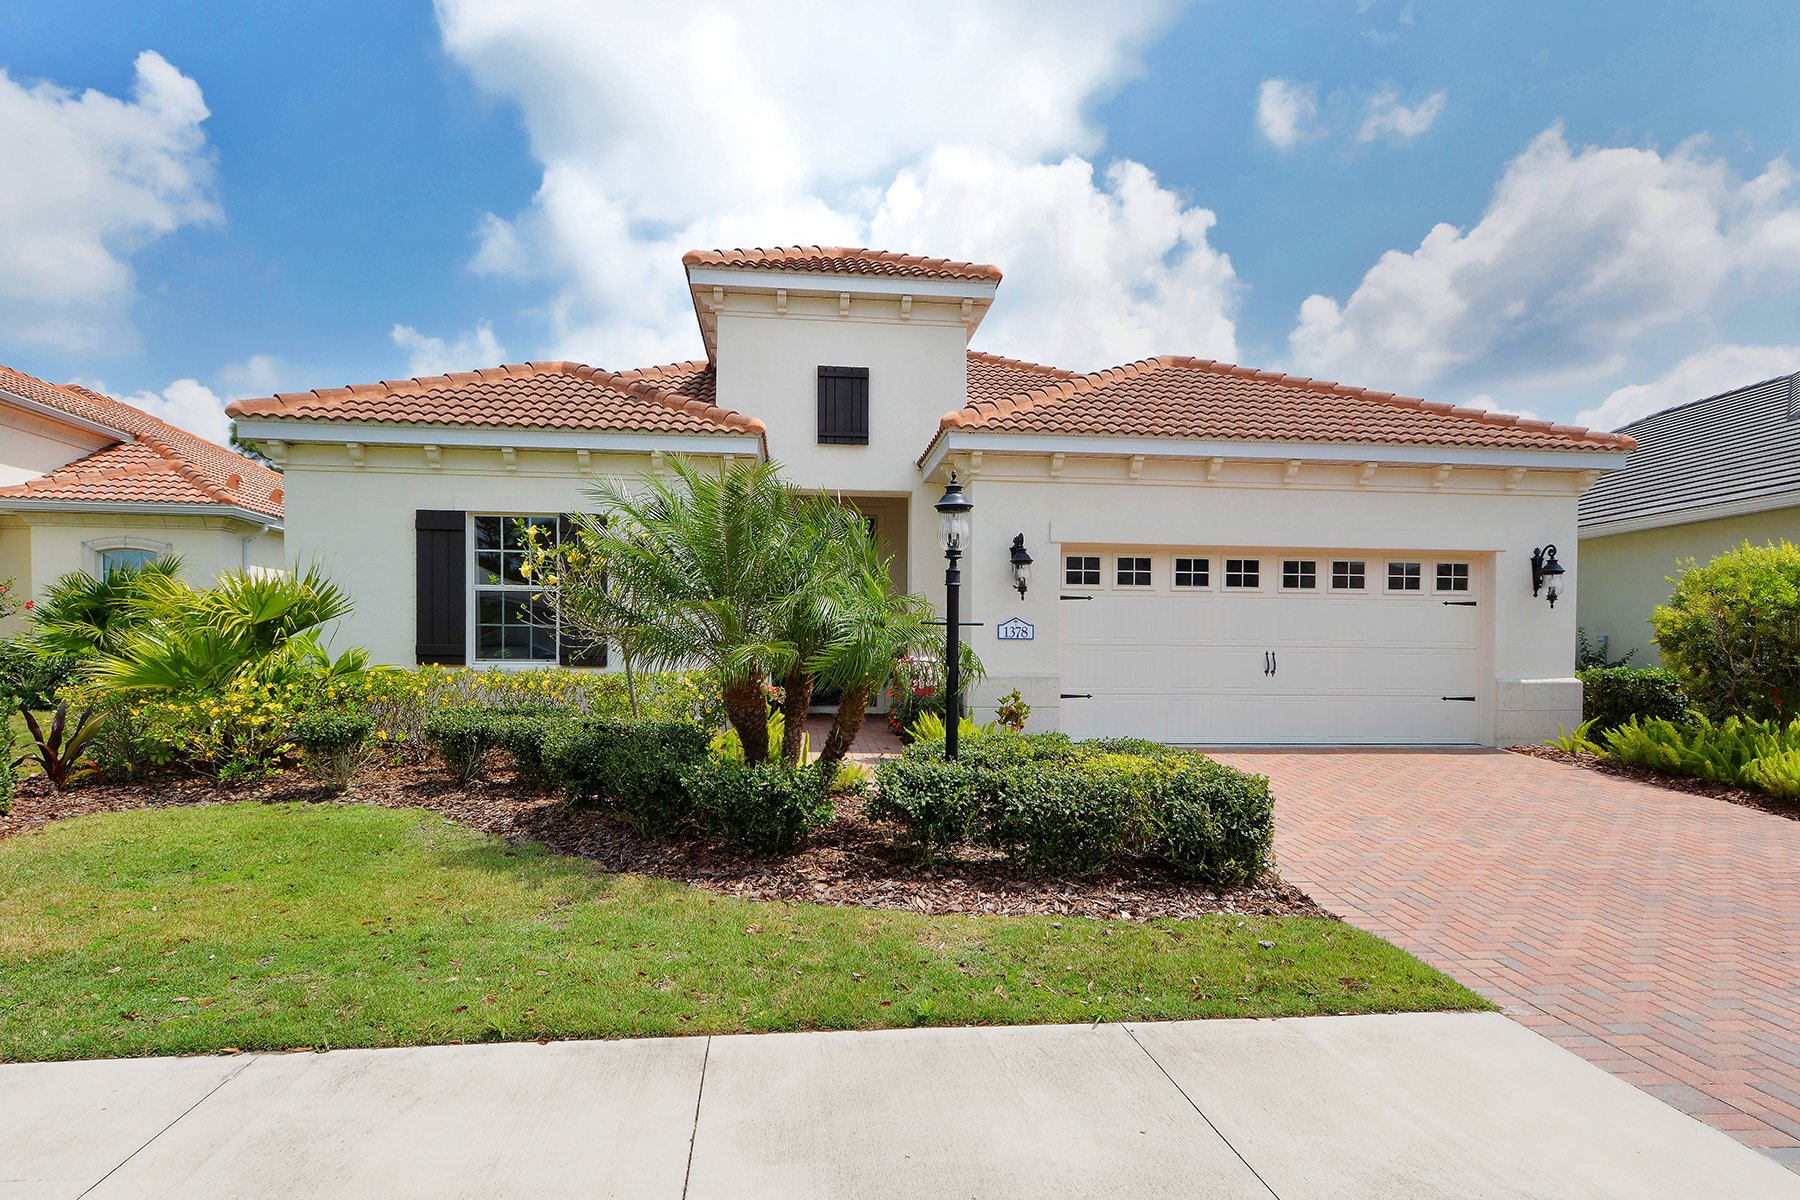 Einfamilienhaus für Verkauf beim GRAND PALM 1378 Still River Dr Venice, Florida, 34293 Vereinigte Staaten